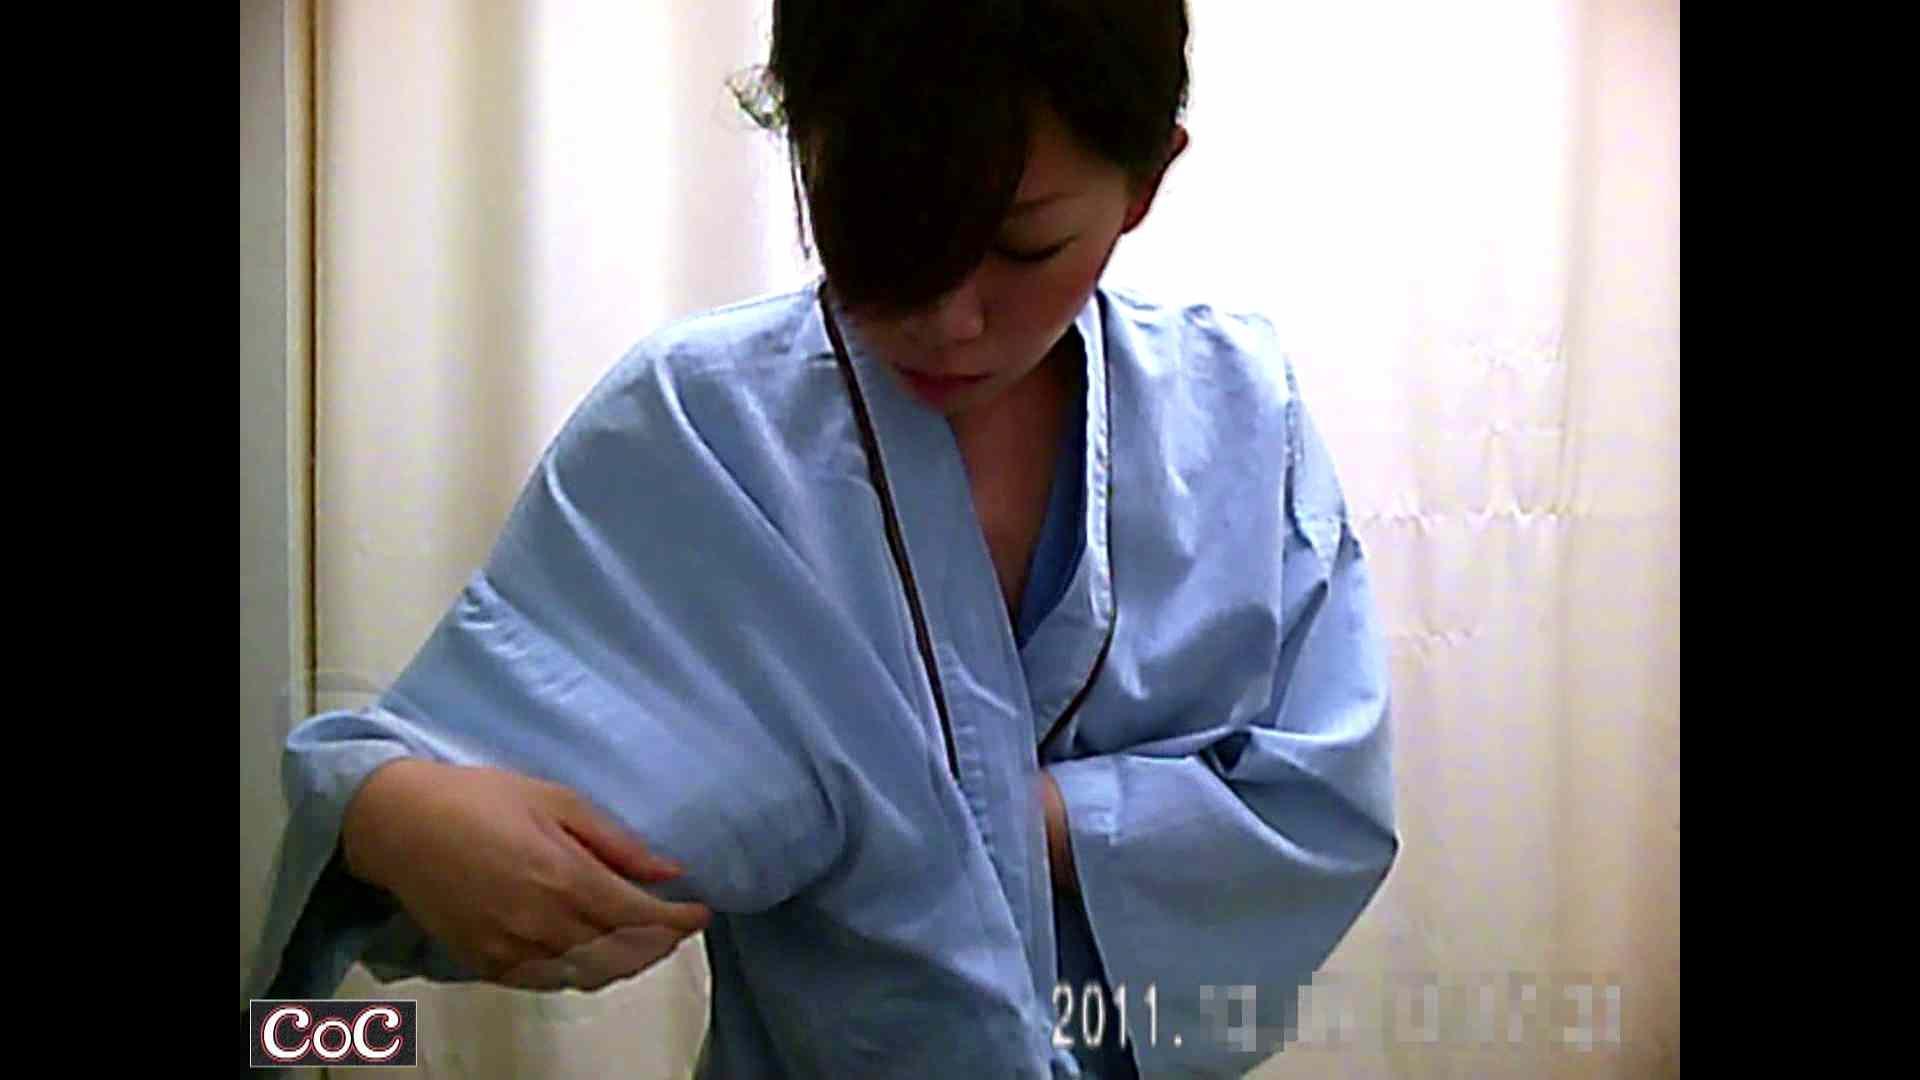 元医者による反抗 更衣室地獄絵巻 vol.178 OL女体 | 0  109連発 5